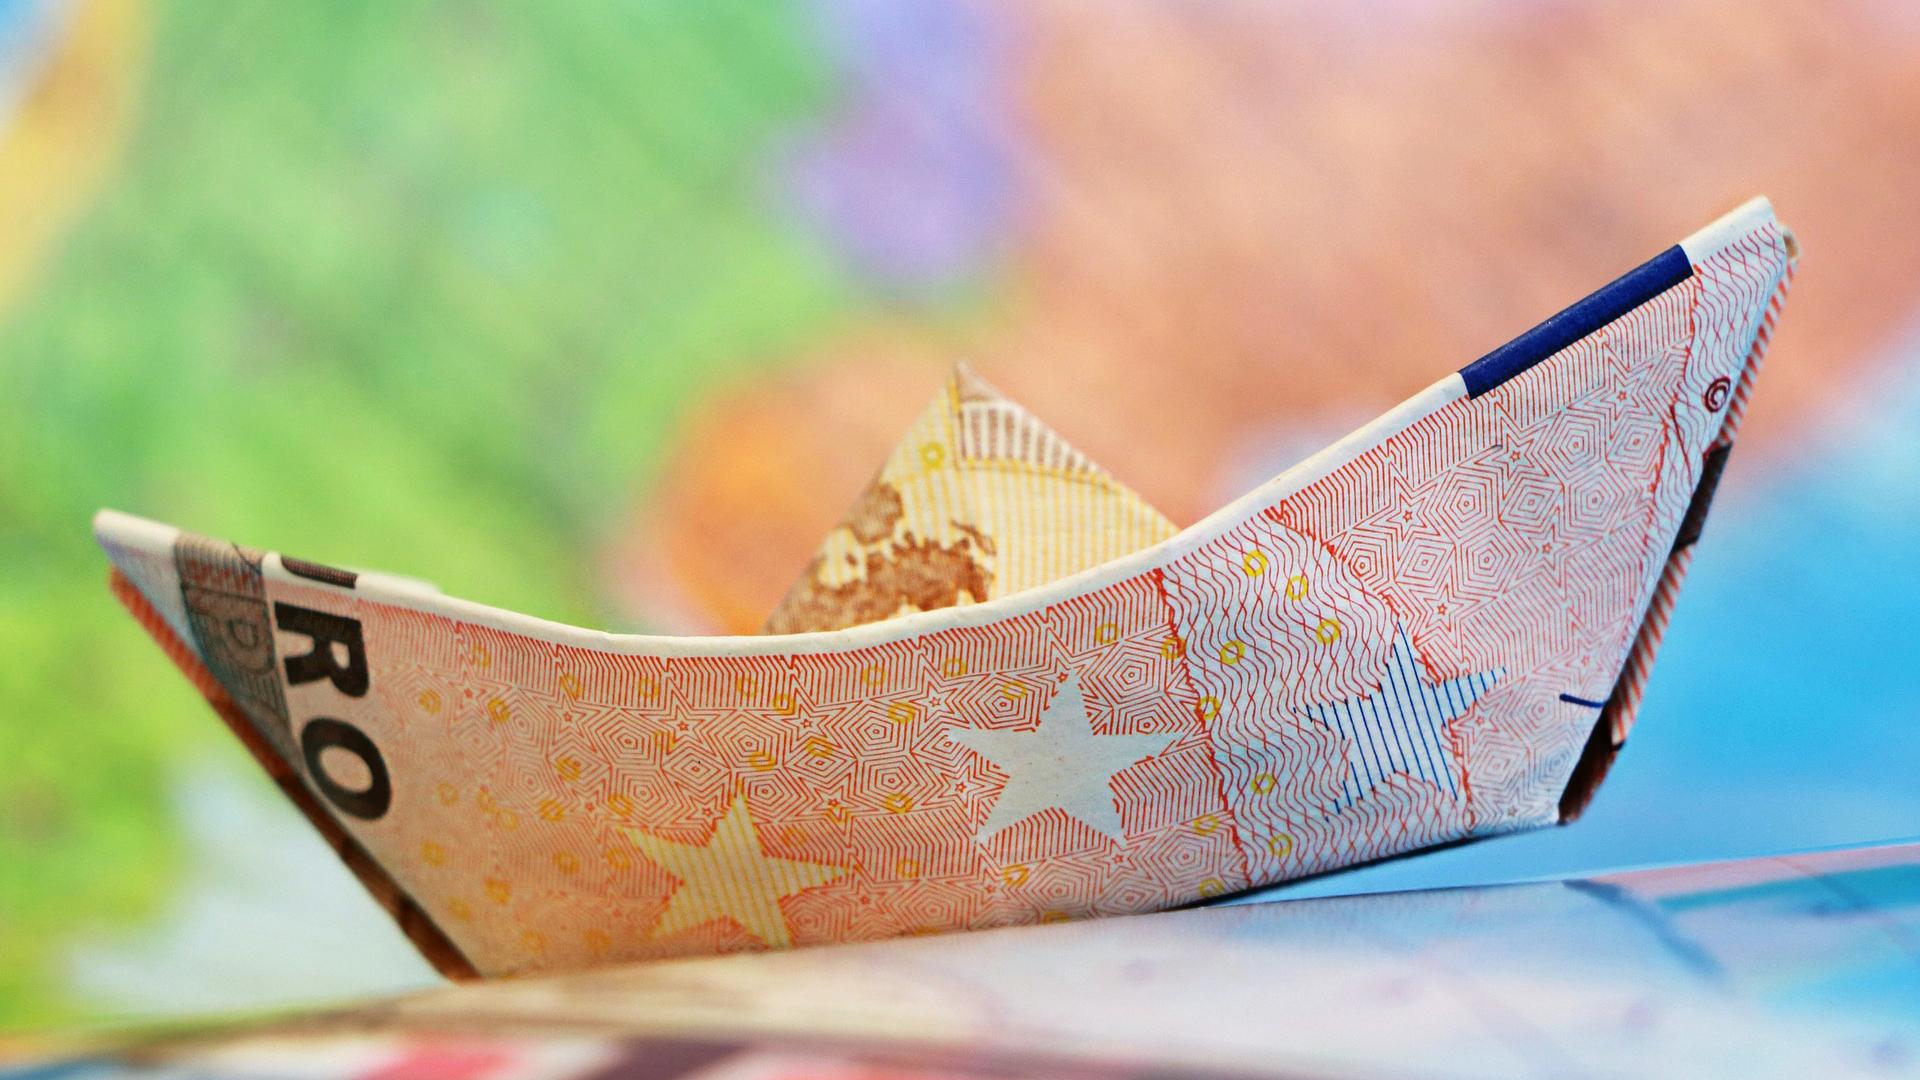 Pensioni, nuova circolare Inps: saranno presenti fasce di garanzia